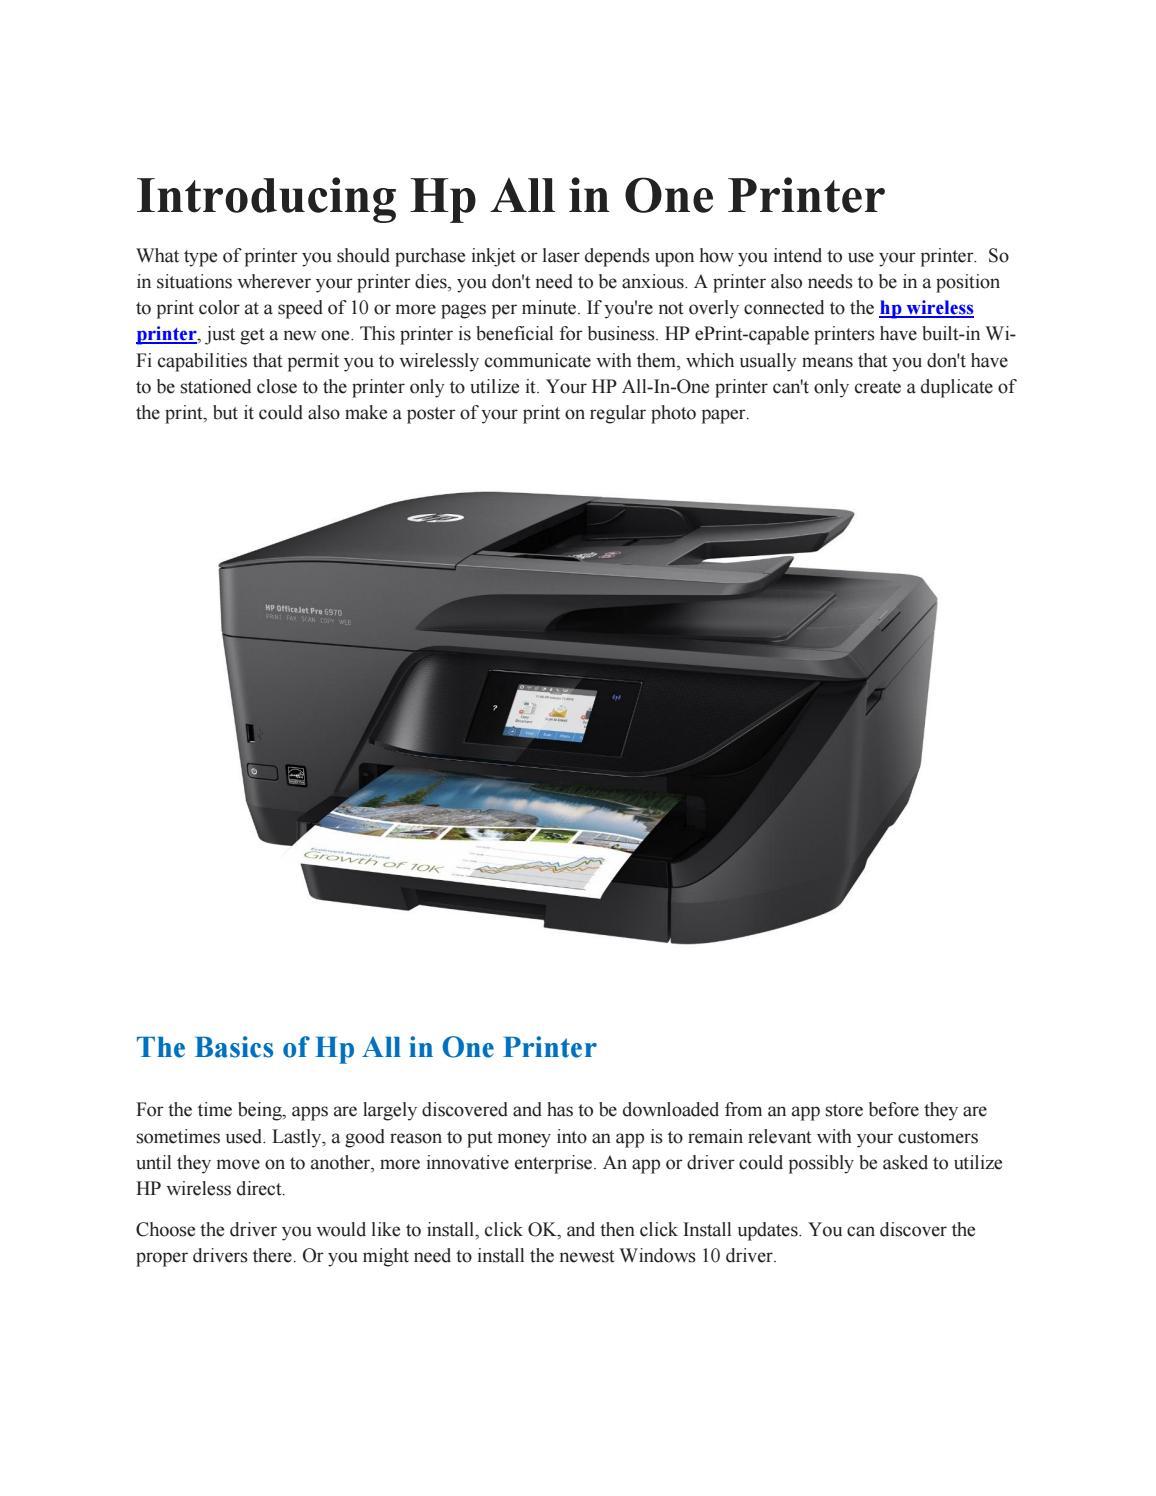 Hp printer by annajohnson - issuu